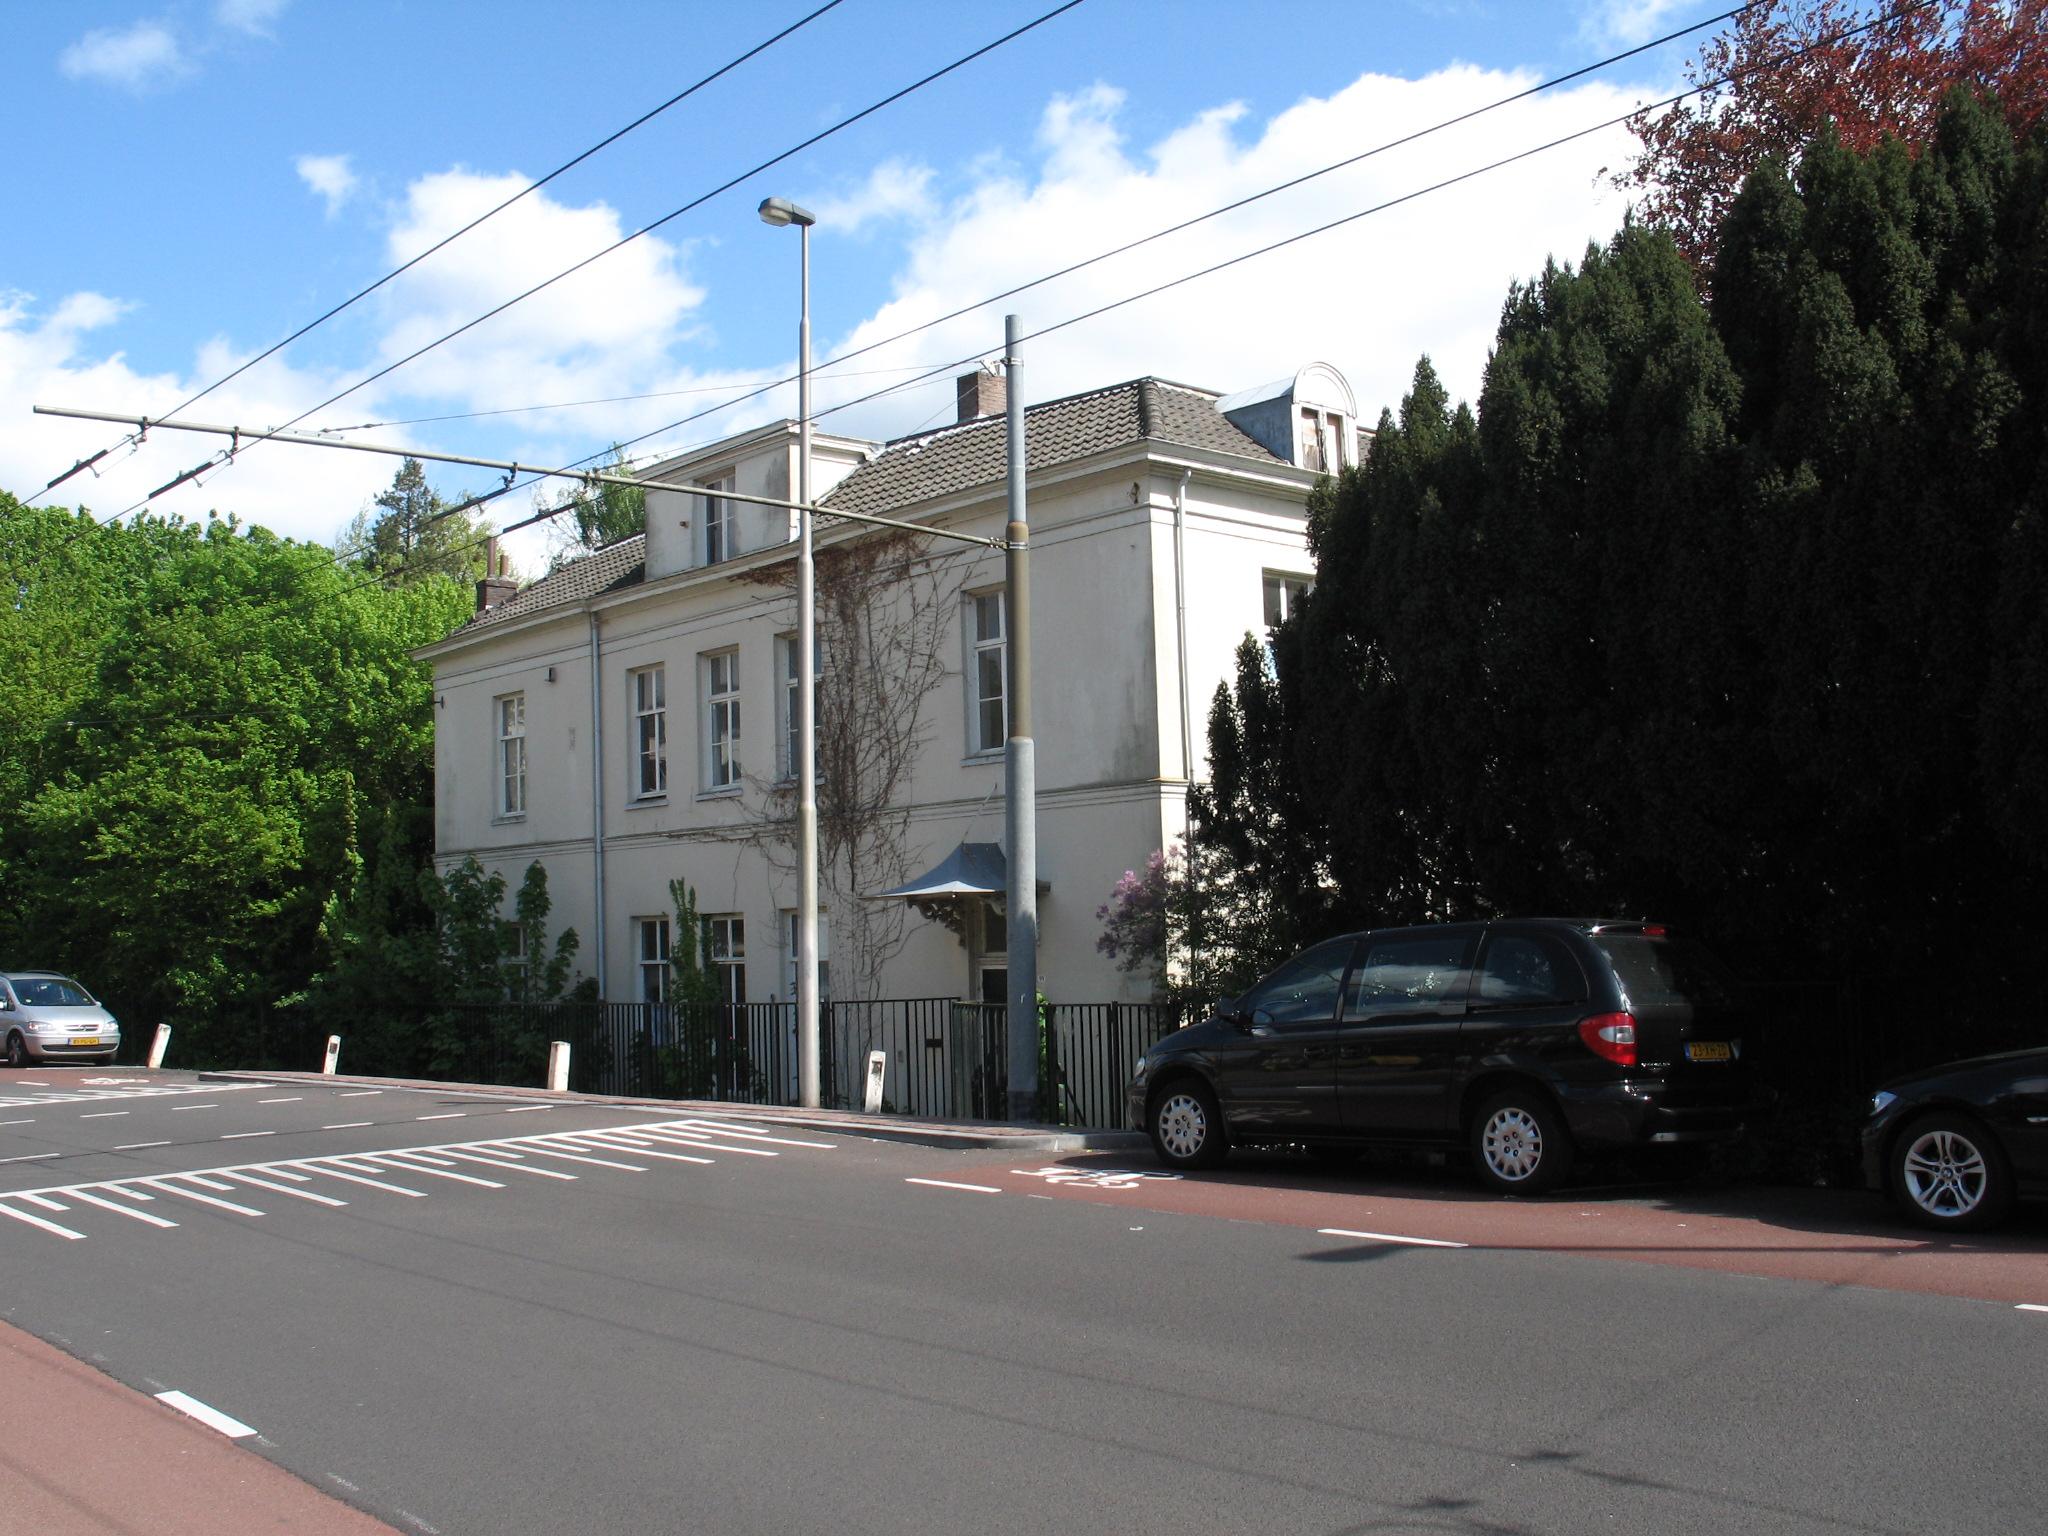 Villa Schoonheuvel, gezien vanaf de Utrechtseweg